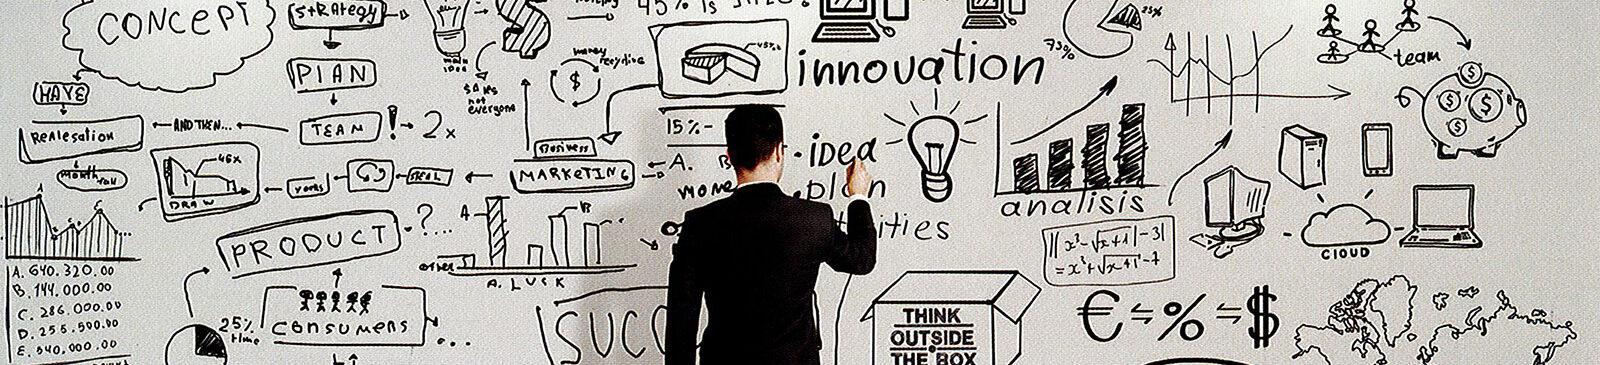 ecocontrol-sud-innovazione-ricerca-sviluppo-44